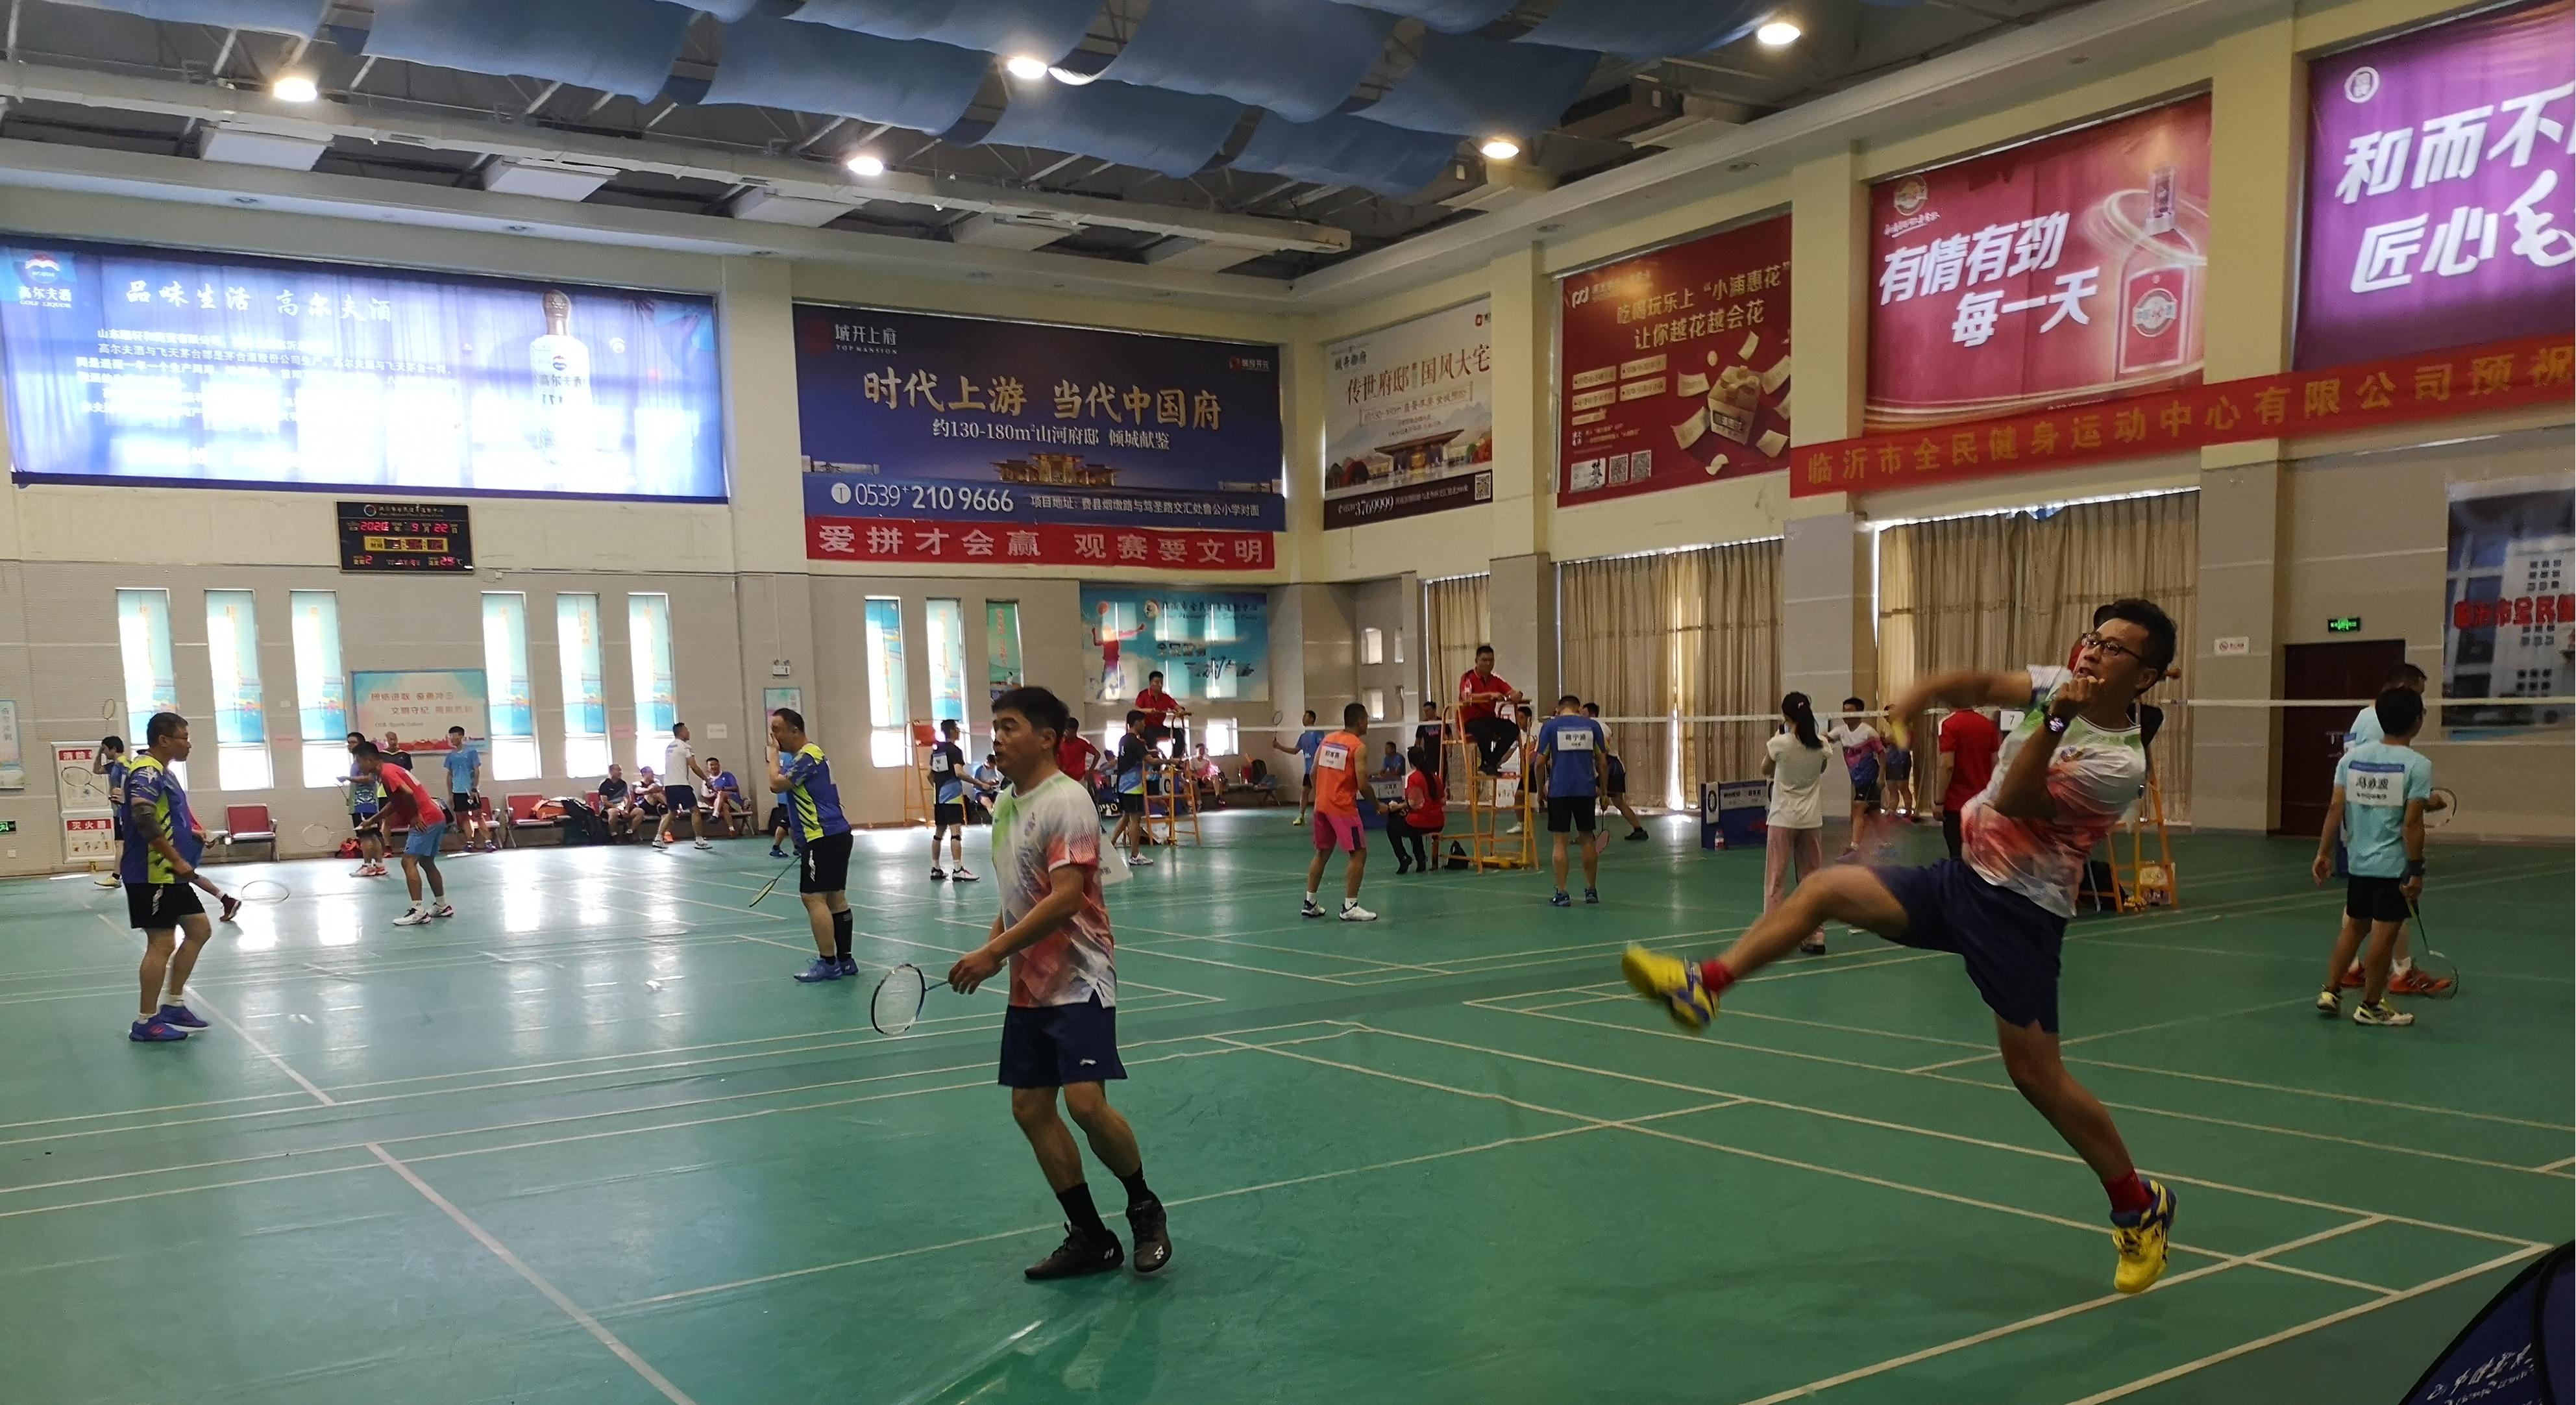 臨沂國控集團代表隊參加臨沂市第七屆運動會高水平組羽毛球比賽